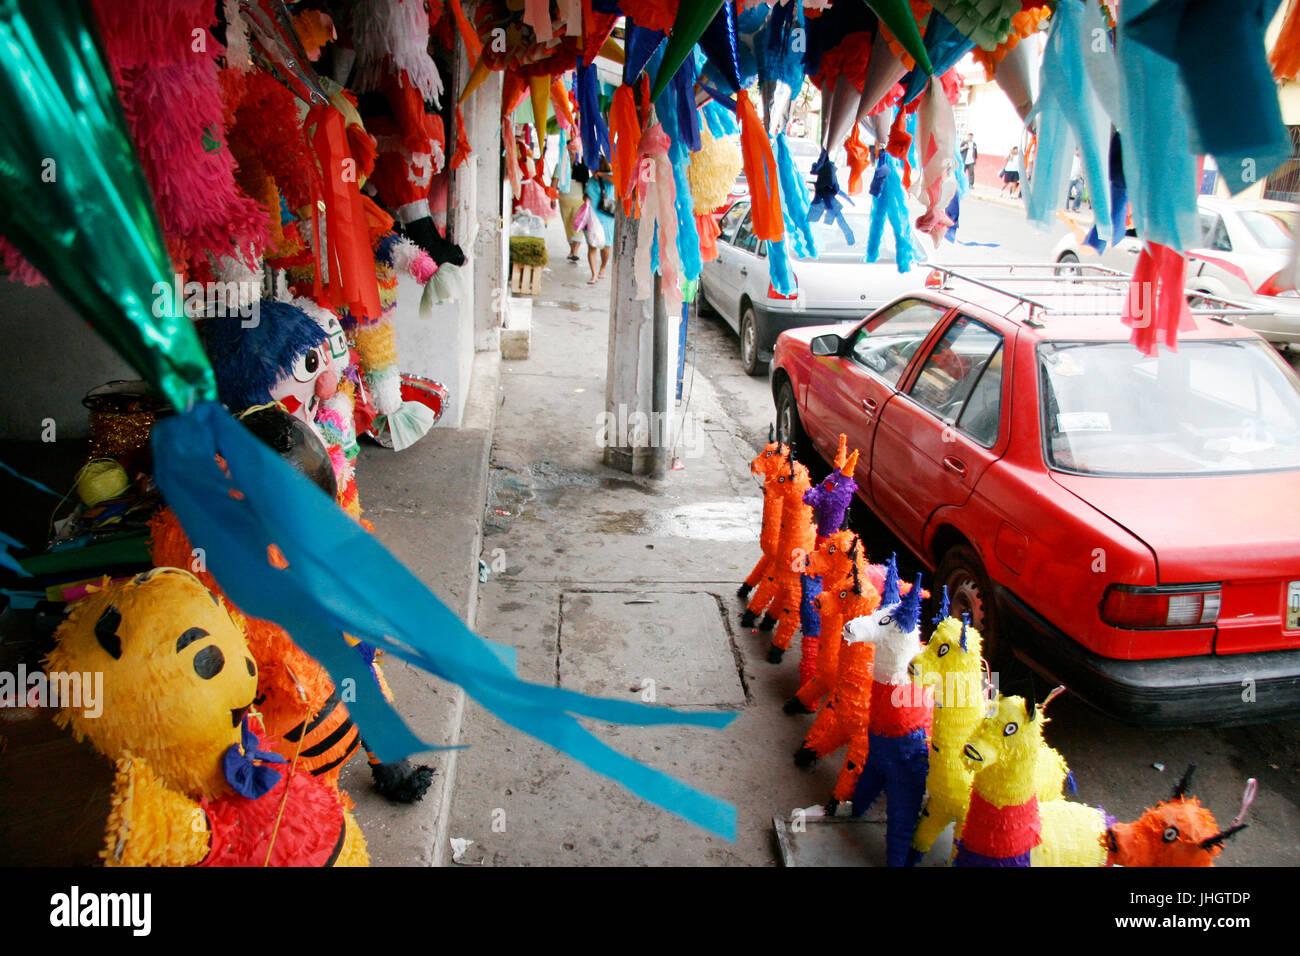 Piñatas messicano in una strada di villahermosa tradizioni, celebrazioni, Villahermosa, Tabasco, Messico Immagini Stock